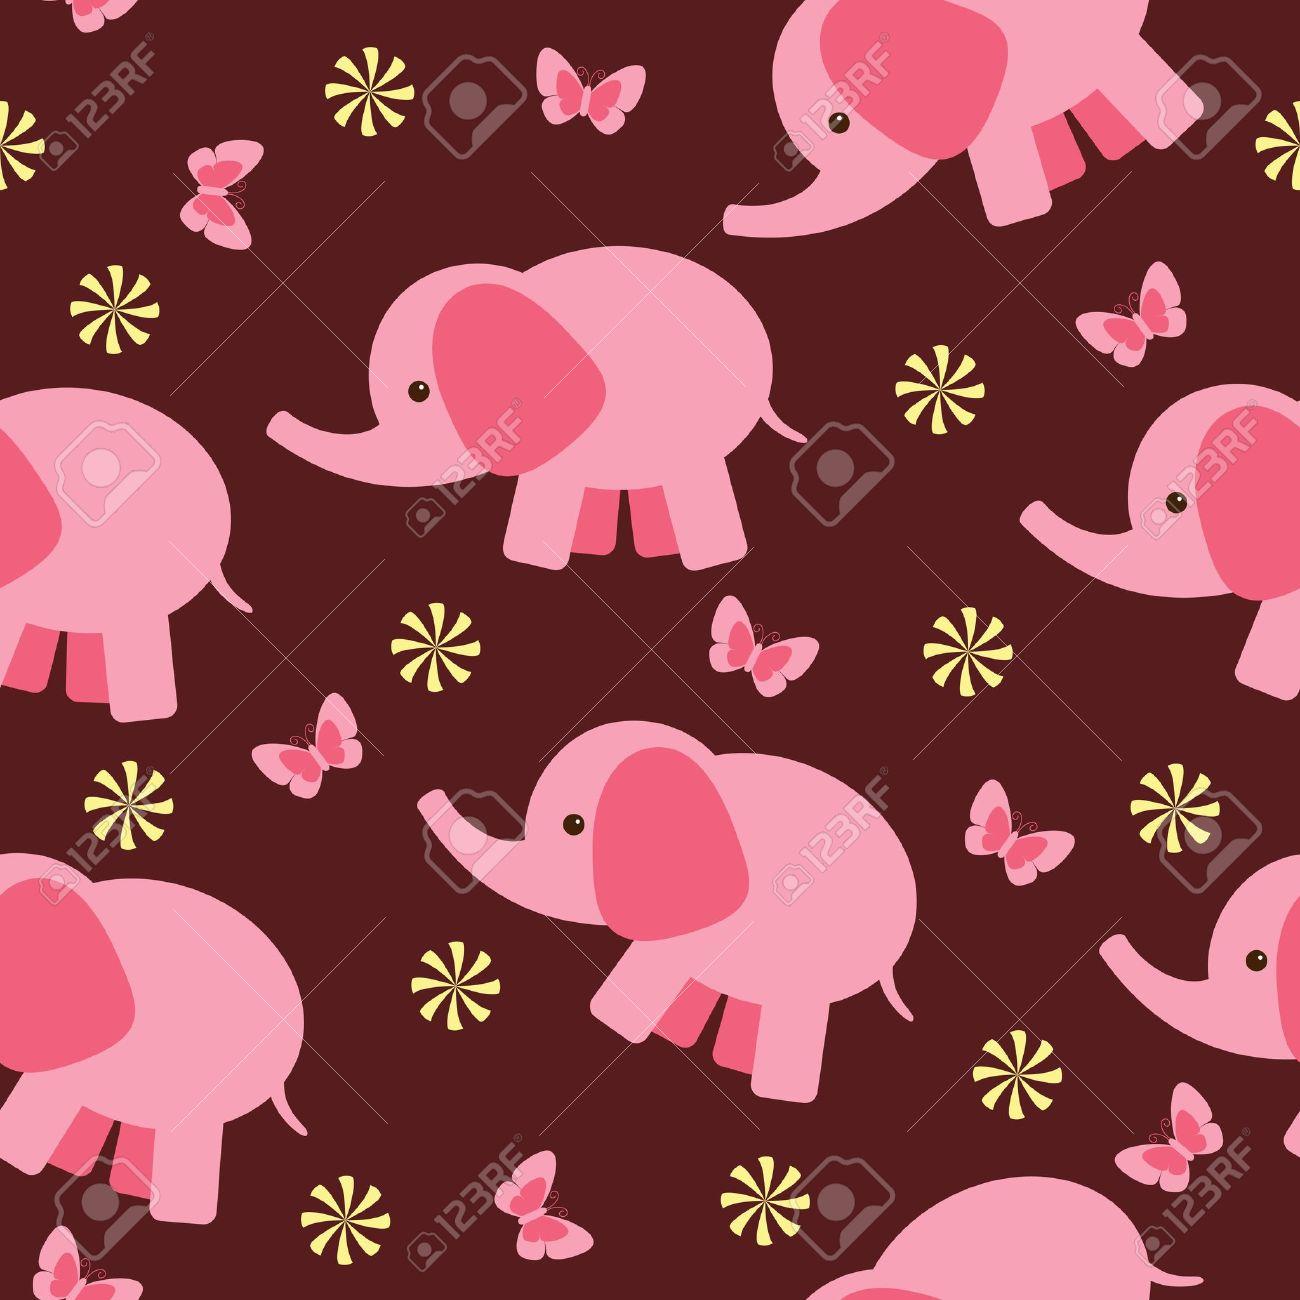 Baby Elephant Wallpaper Cartoon, Live Baby Elephant Cartoon ...